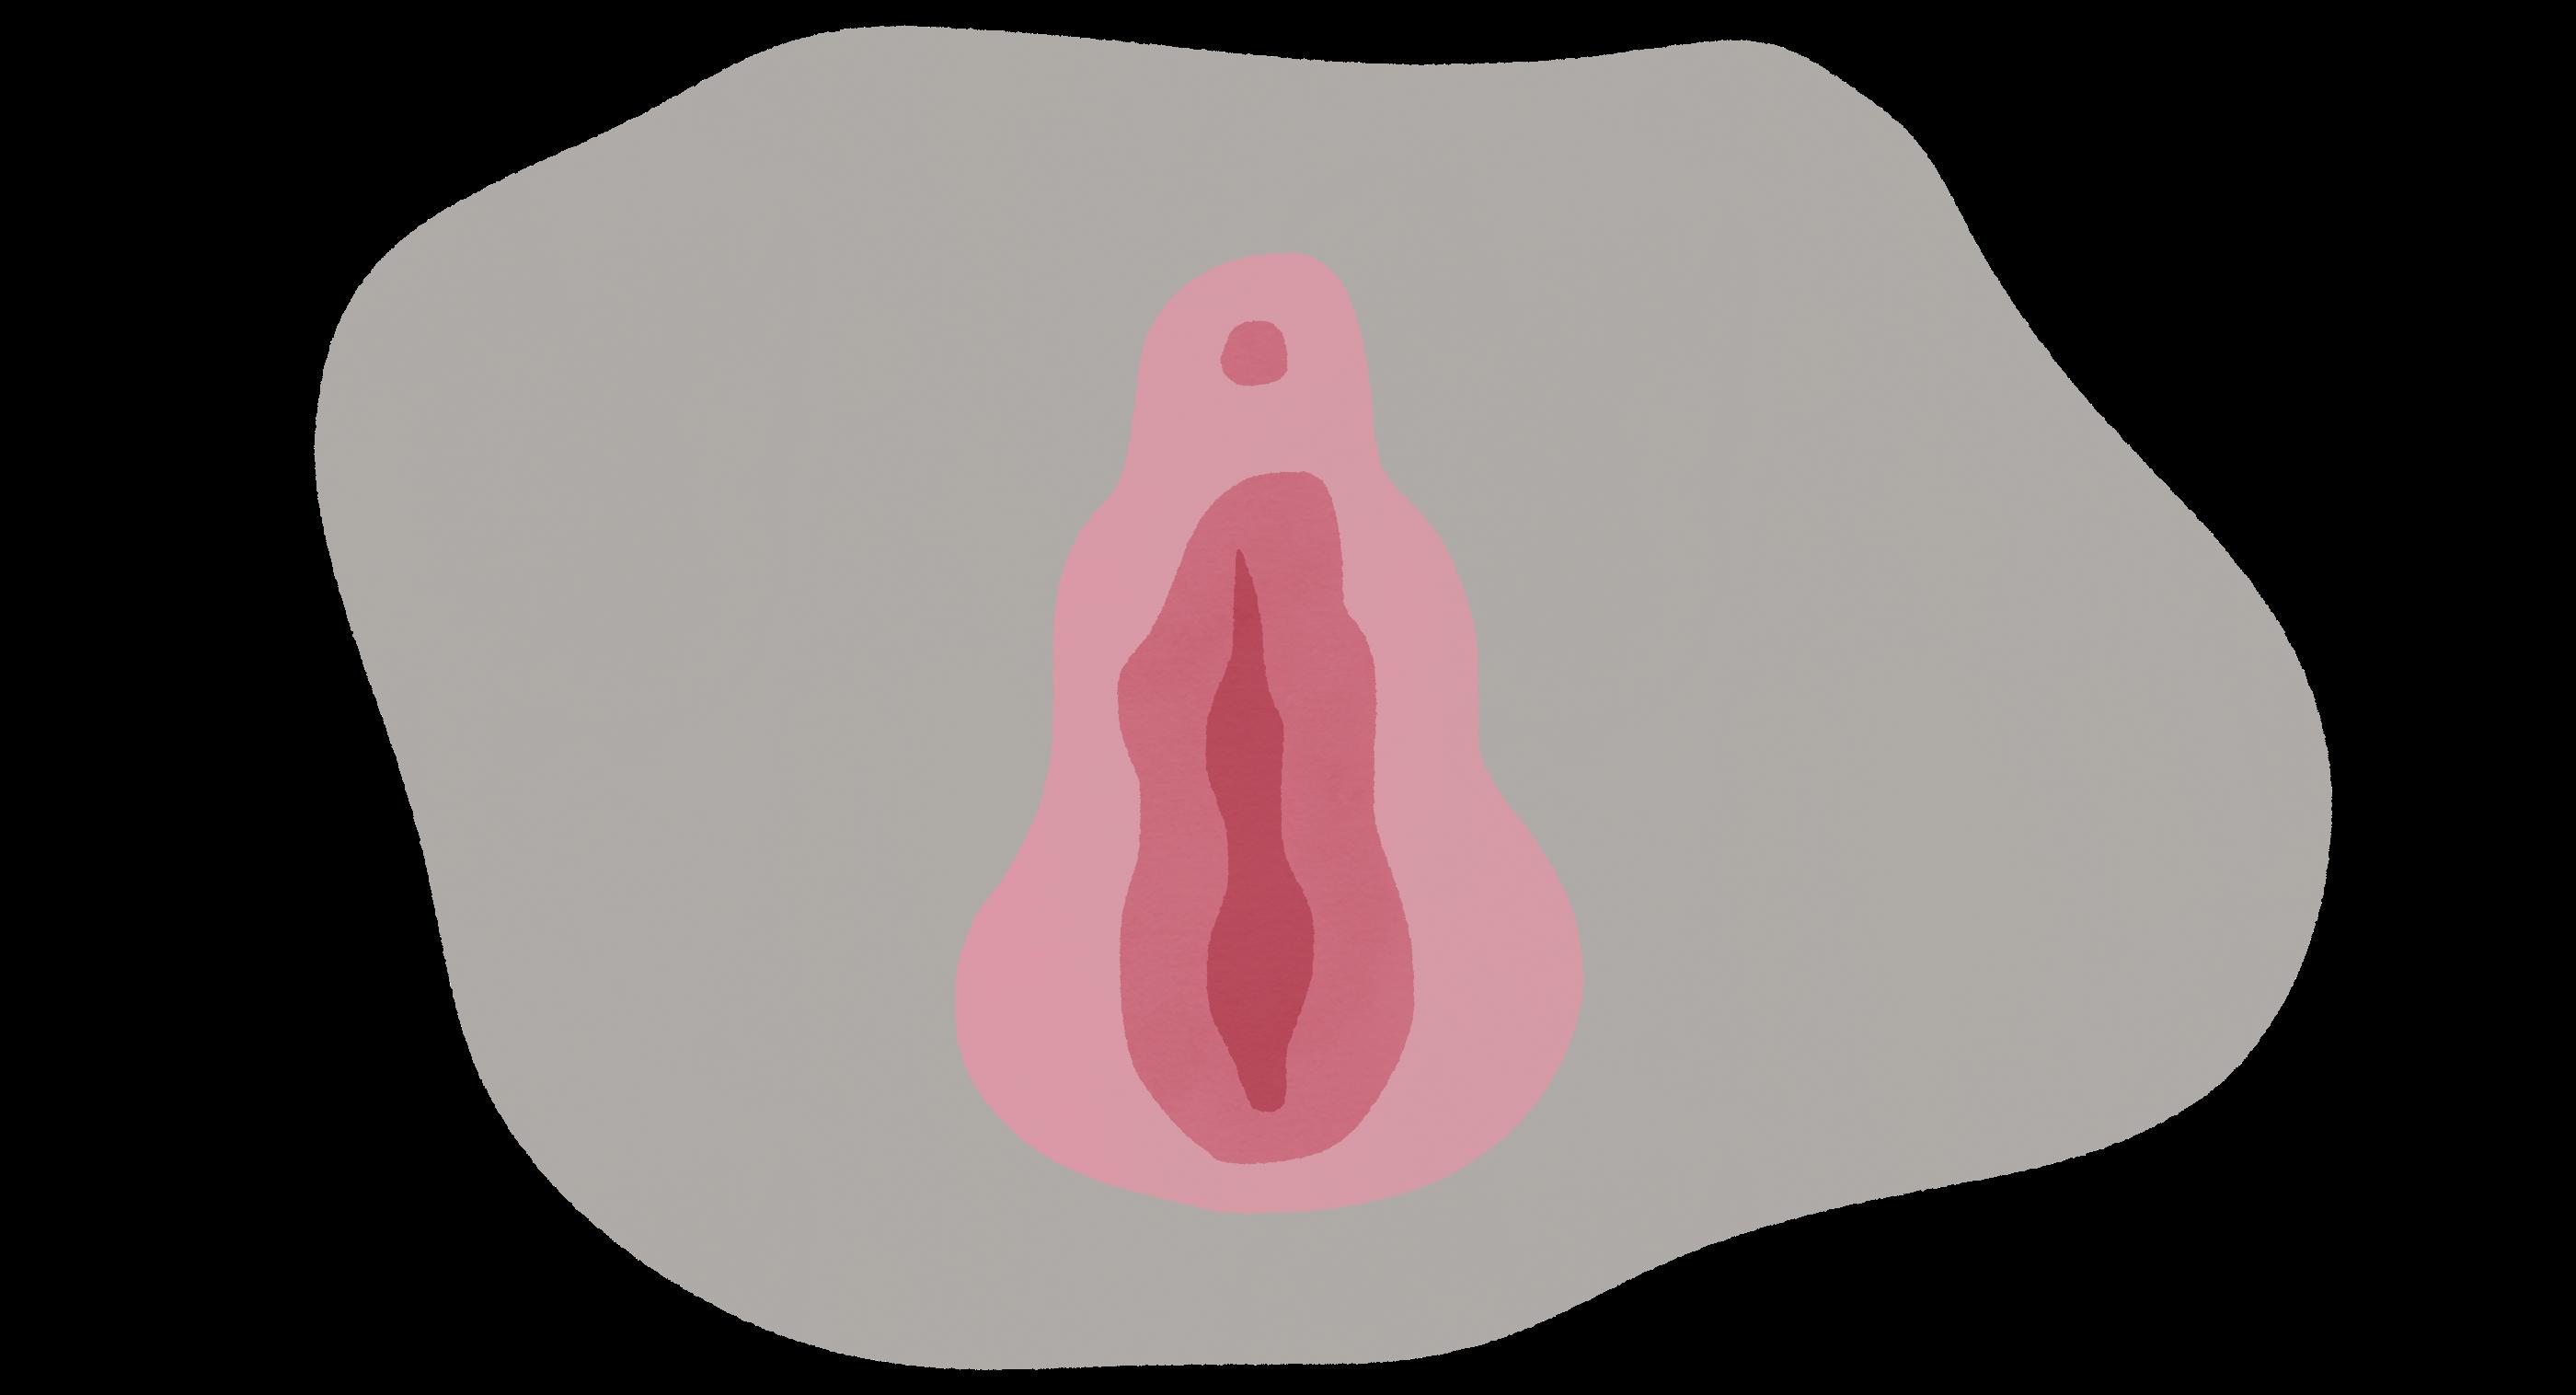 Die inneren und äußeren Schamlippen und die Klitoris bilden die Vulva: den äußeren Genitalbereich der Frau. Jede Vulva ist einzigartig. Tags: Klitoris, Orgasmus, Vagina, Stimulation, Sex